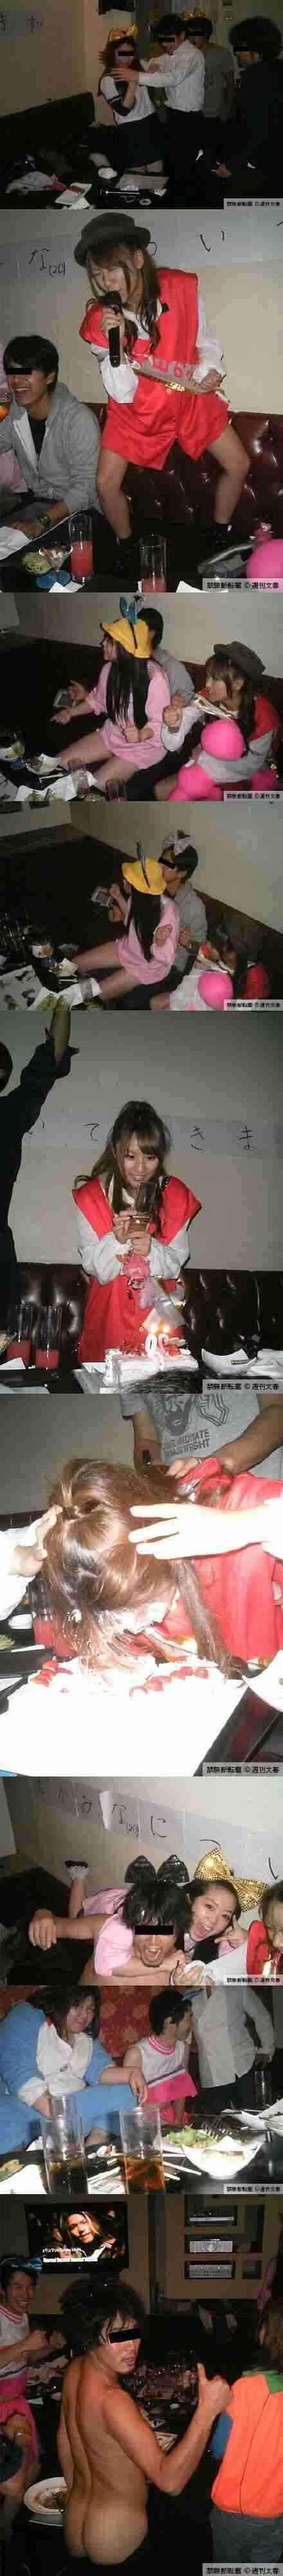 元NMB48の門脇佳奈子が参院選特番で「ウルトラKY発言」で大炎上!明らかなミスキャストの責任は見当はずれな思考か、それとも局か